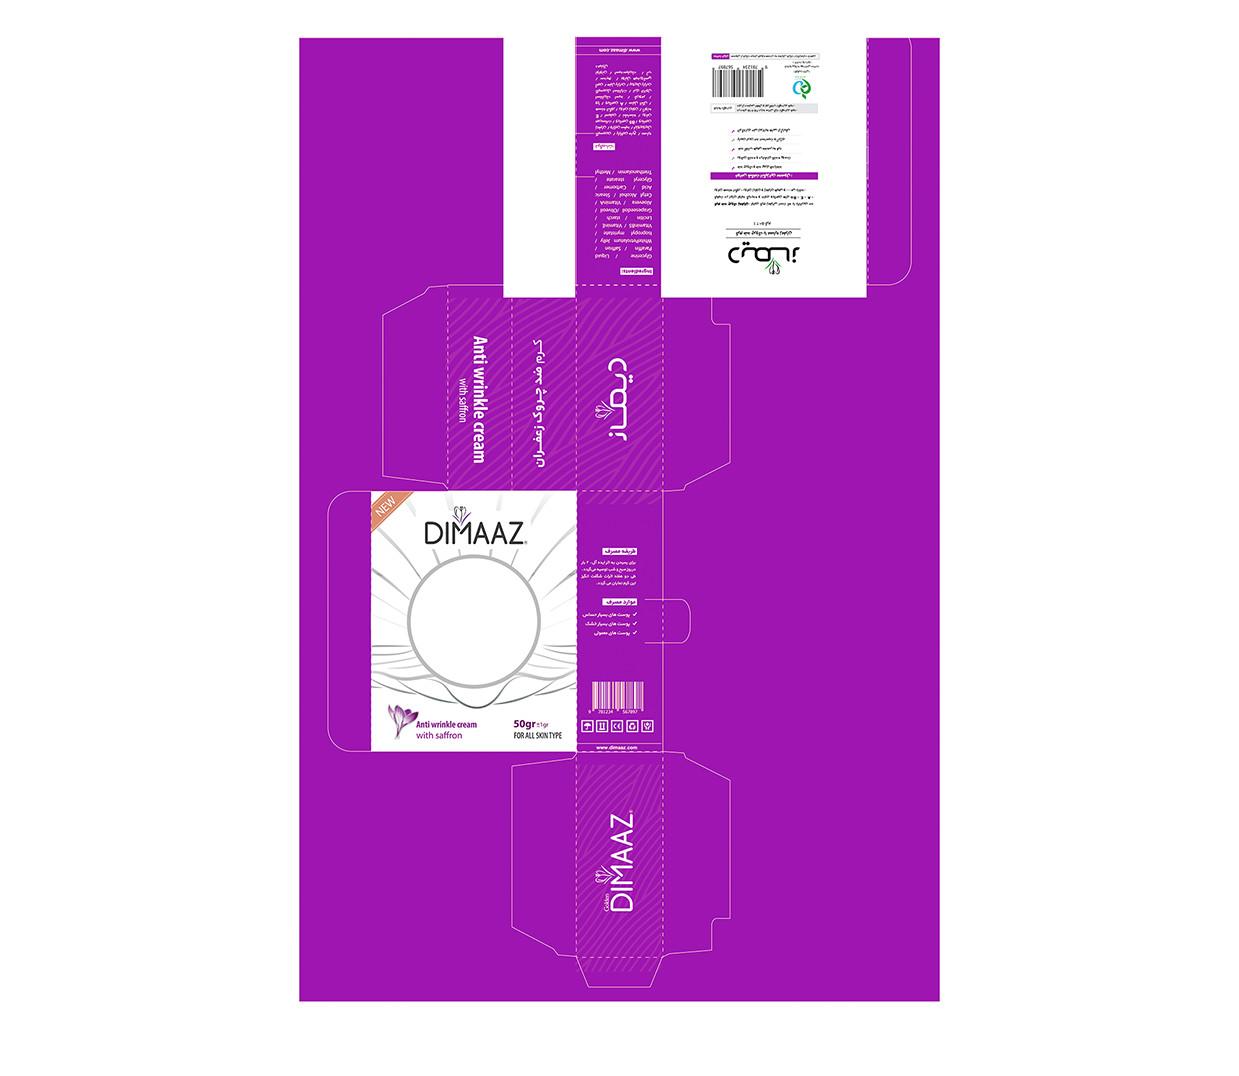 طراحی بسته بندی دیماز